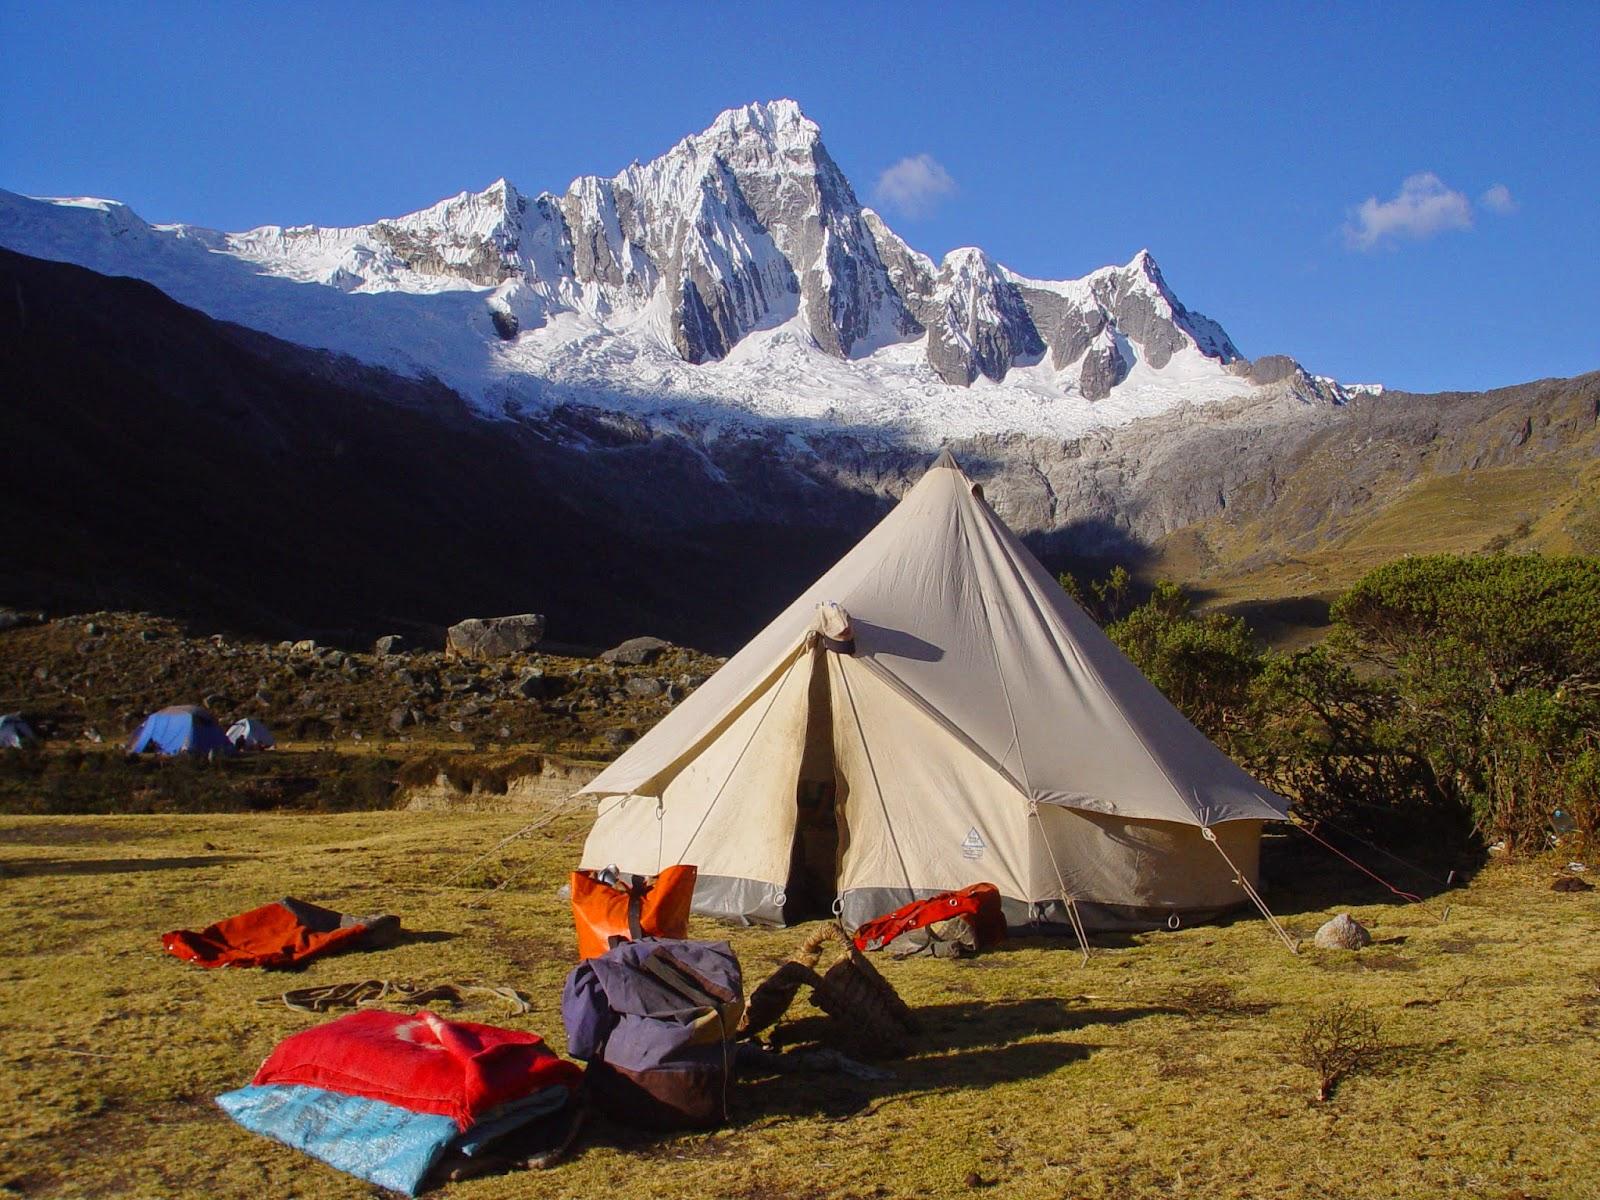 DIA INTERNACIONAL DAS MONTANHAS | As montanhas mais bonitas do planeta